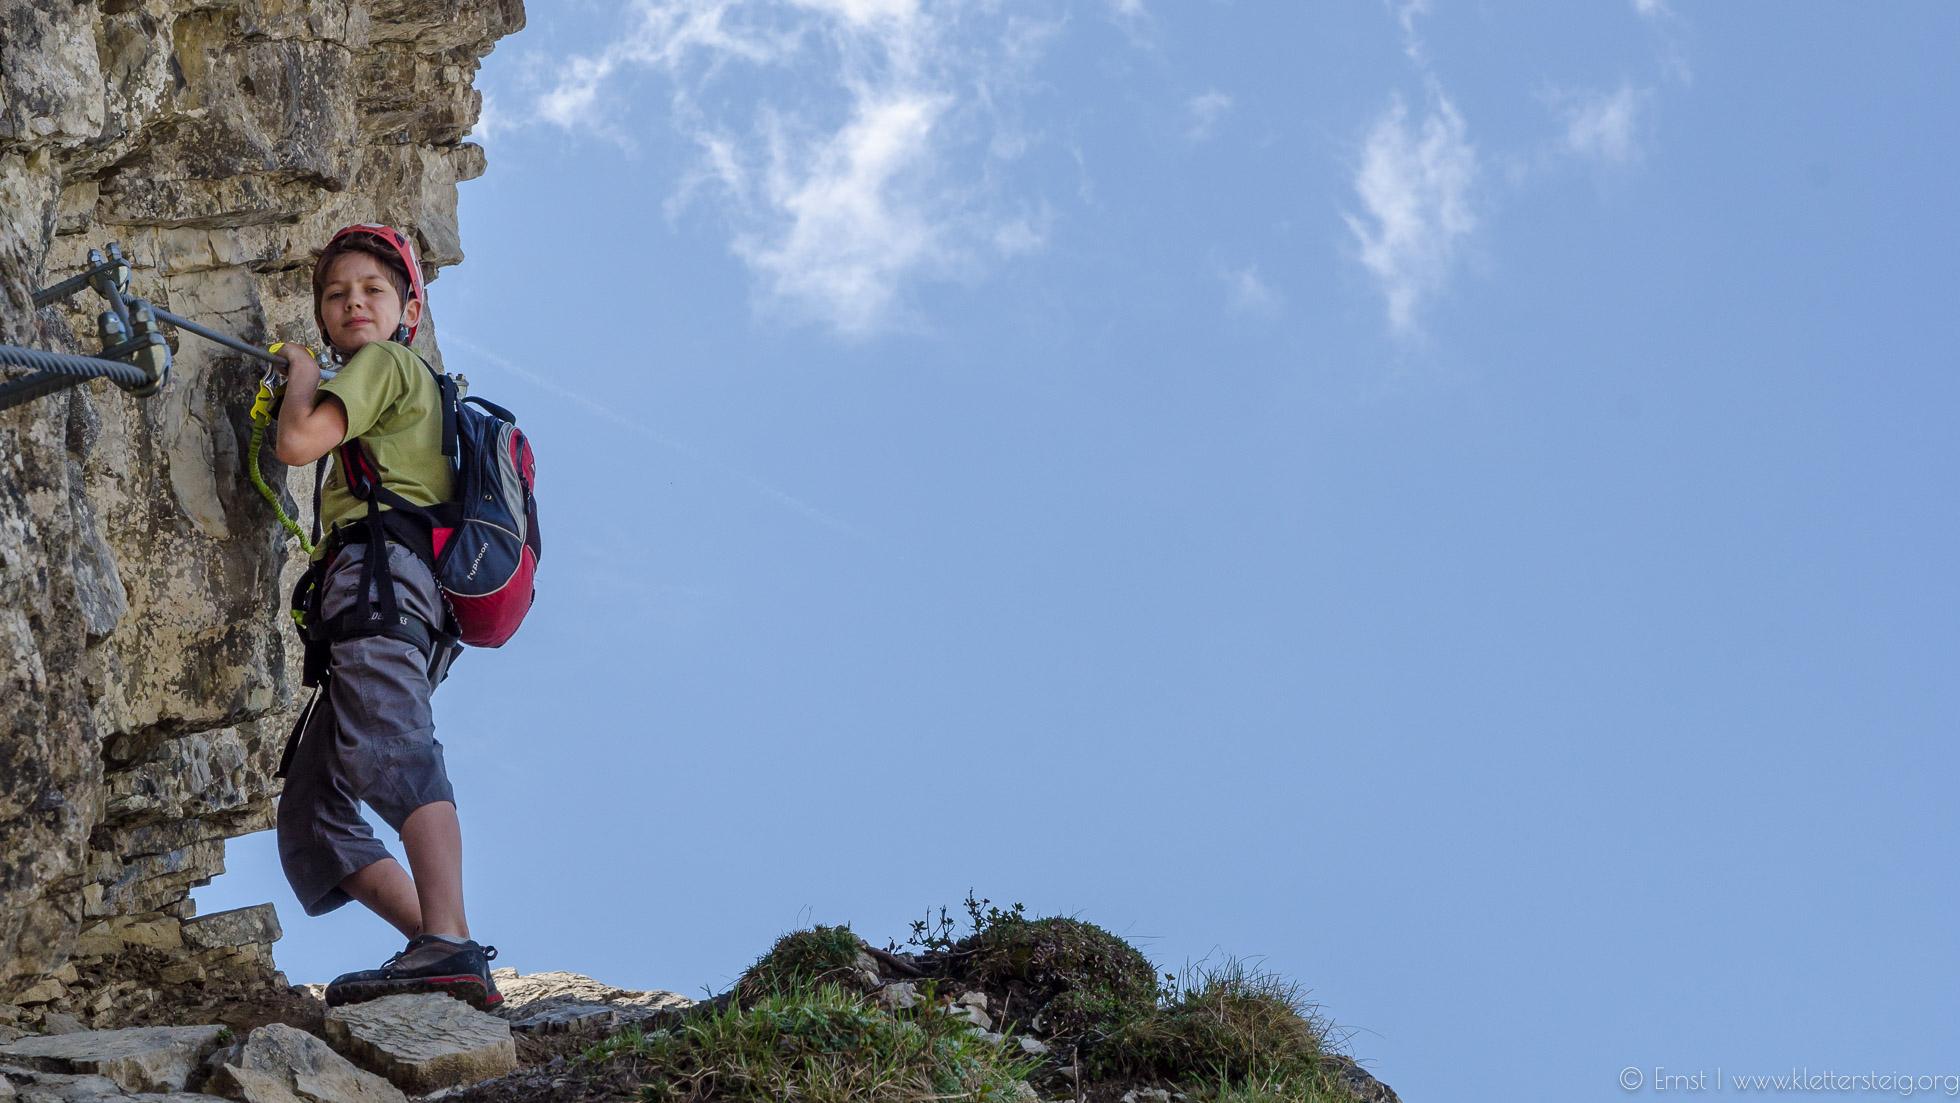 Klettersteig Oberjoch : Gipfeltouren klettersteige und urige hütten reisen